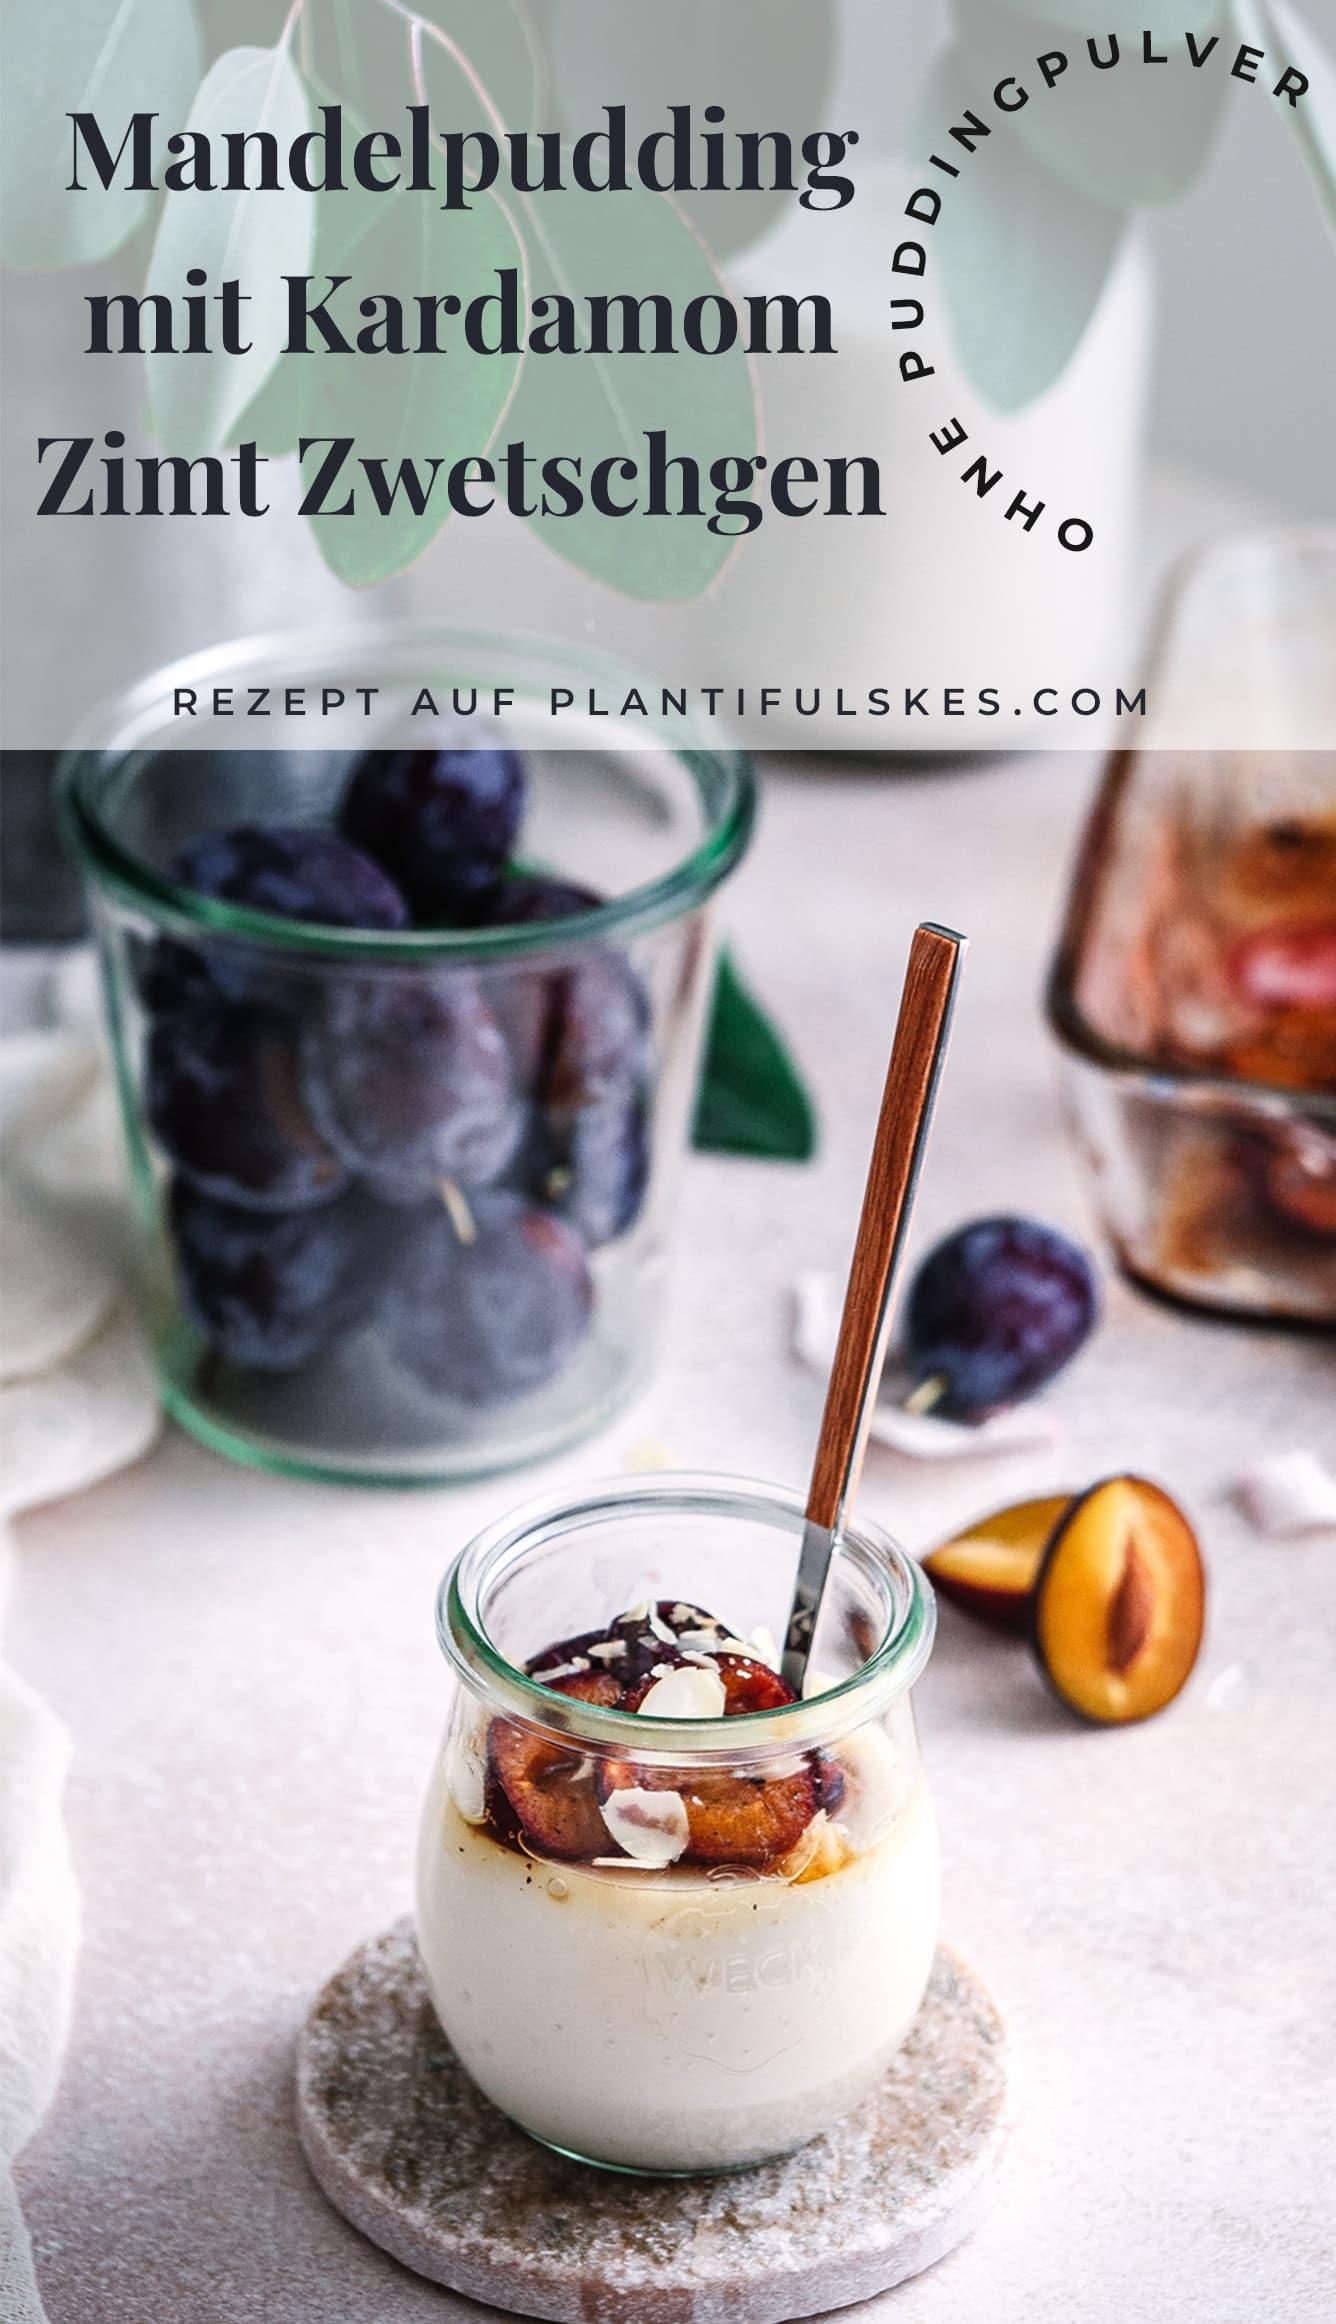 Mandelpudding Rezept mit Zwetschgen. Vegan, low carb. Pudding Rezept, einfach, gesund. Schnell, ohne ei, Laktosefrei, ohne Puddingpulver. Zwetschgen einkochen. Ayurveda Dessert #happymoodfood